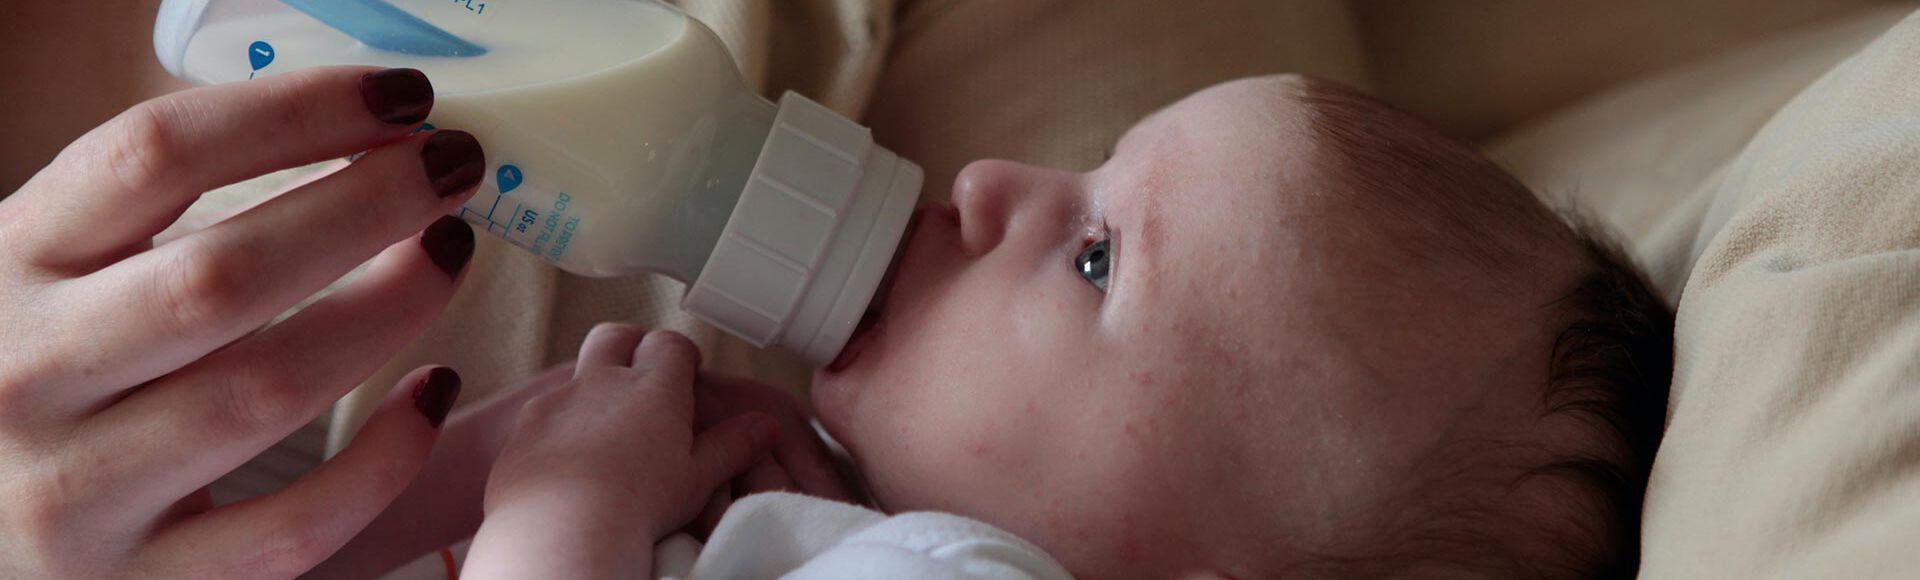 Diferenças entre leite materno e fórmula